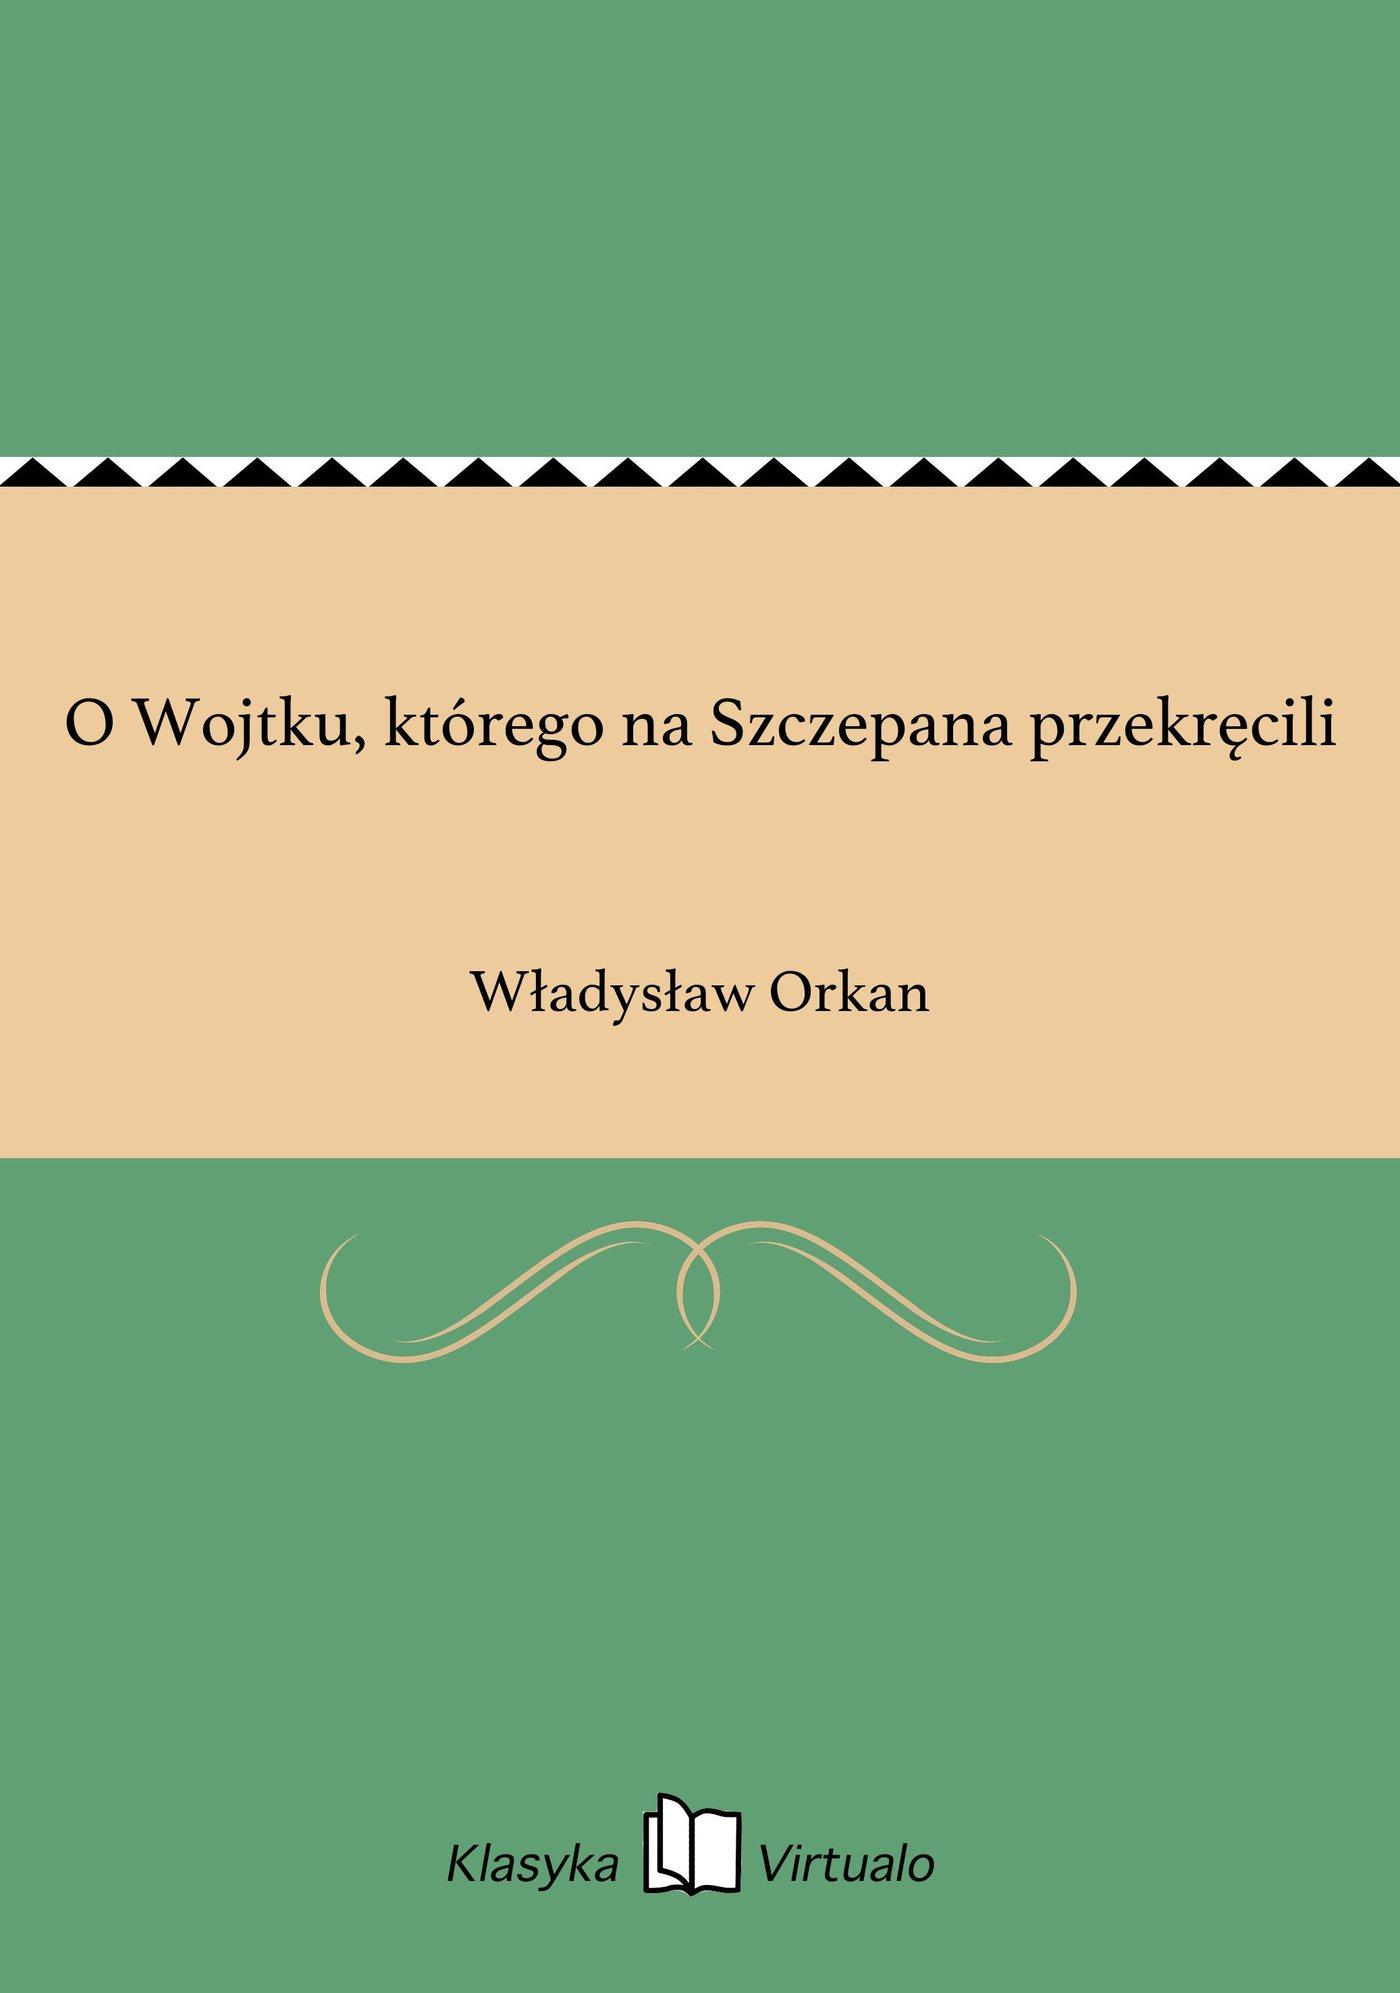 O Wojtku, którego na Szczepana przekręcili - Ebook (Książka EPUB) do pobrania w formacie EPUB